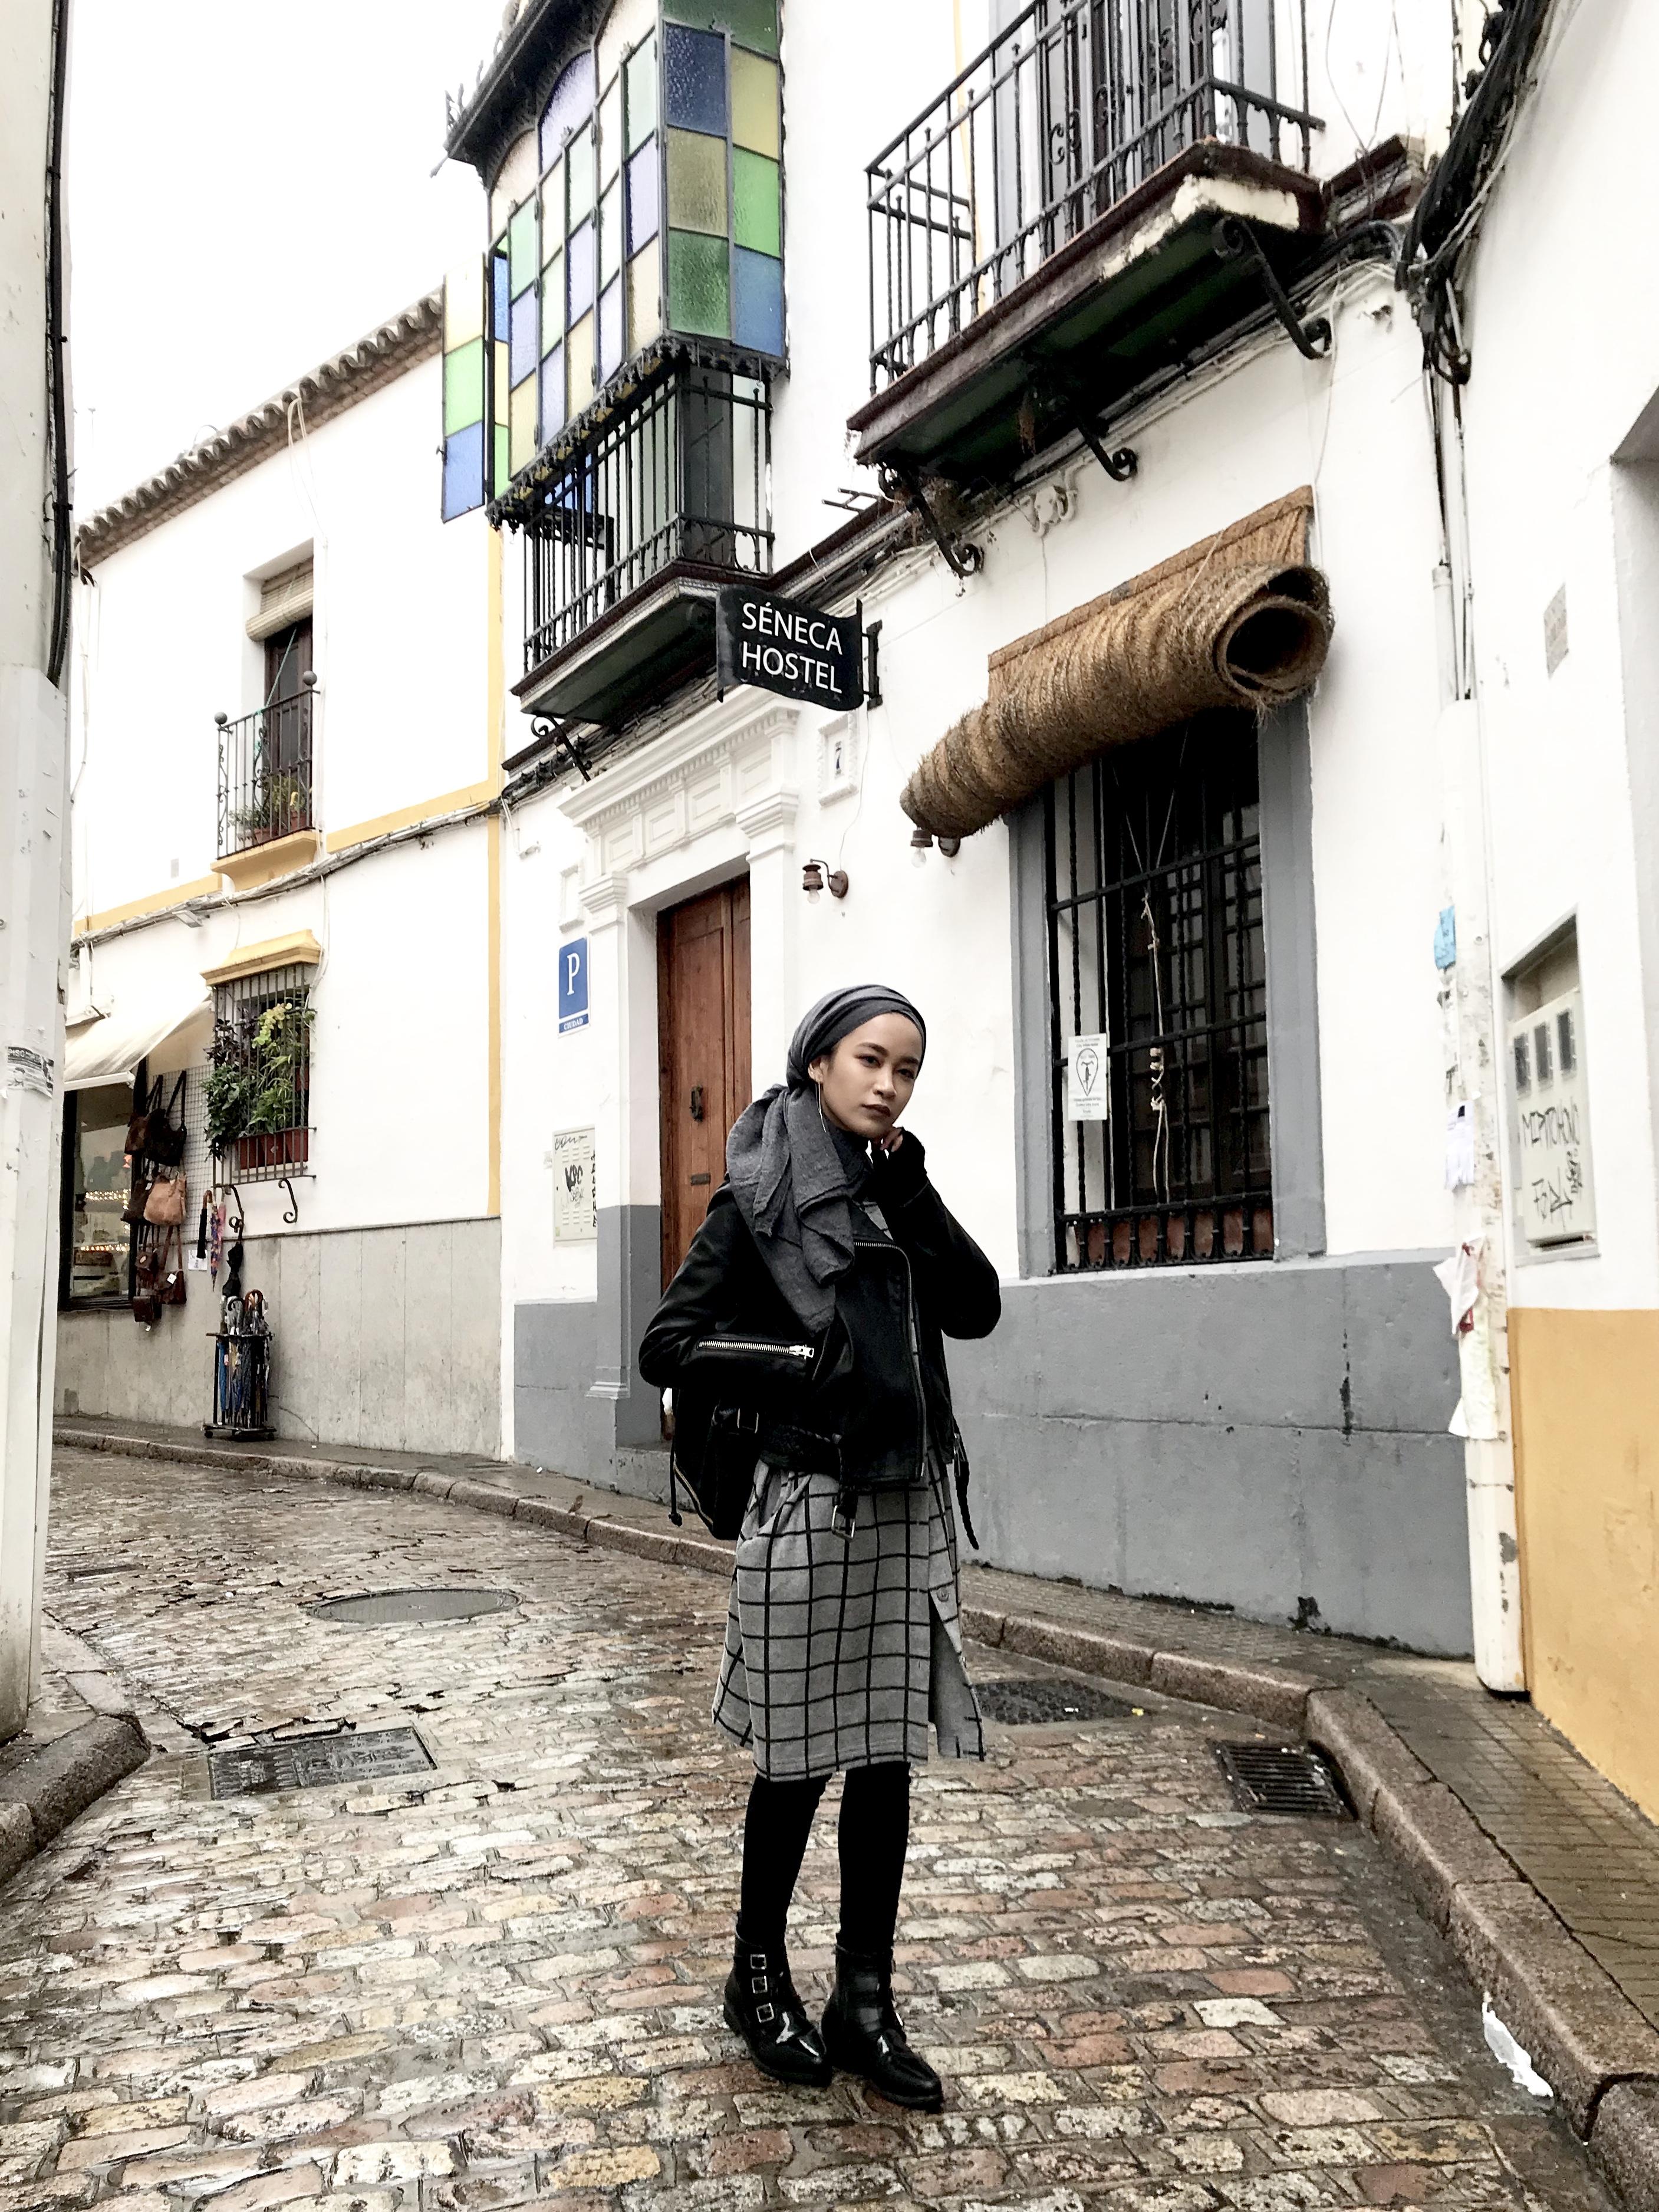 Spain, 2017